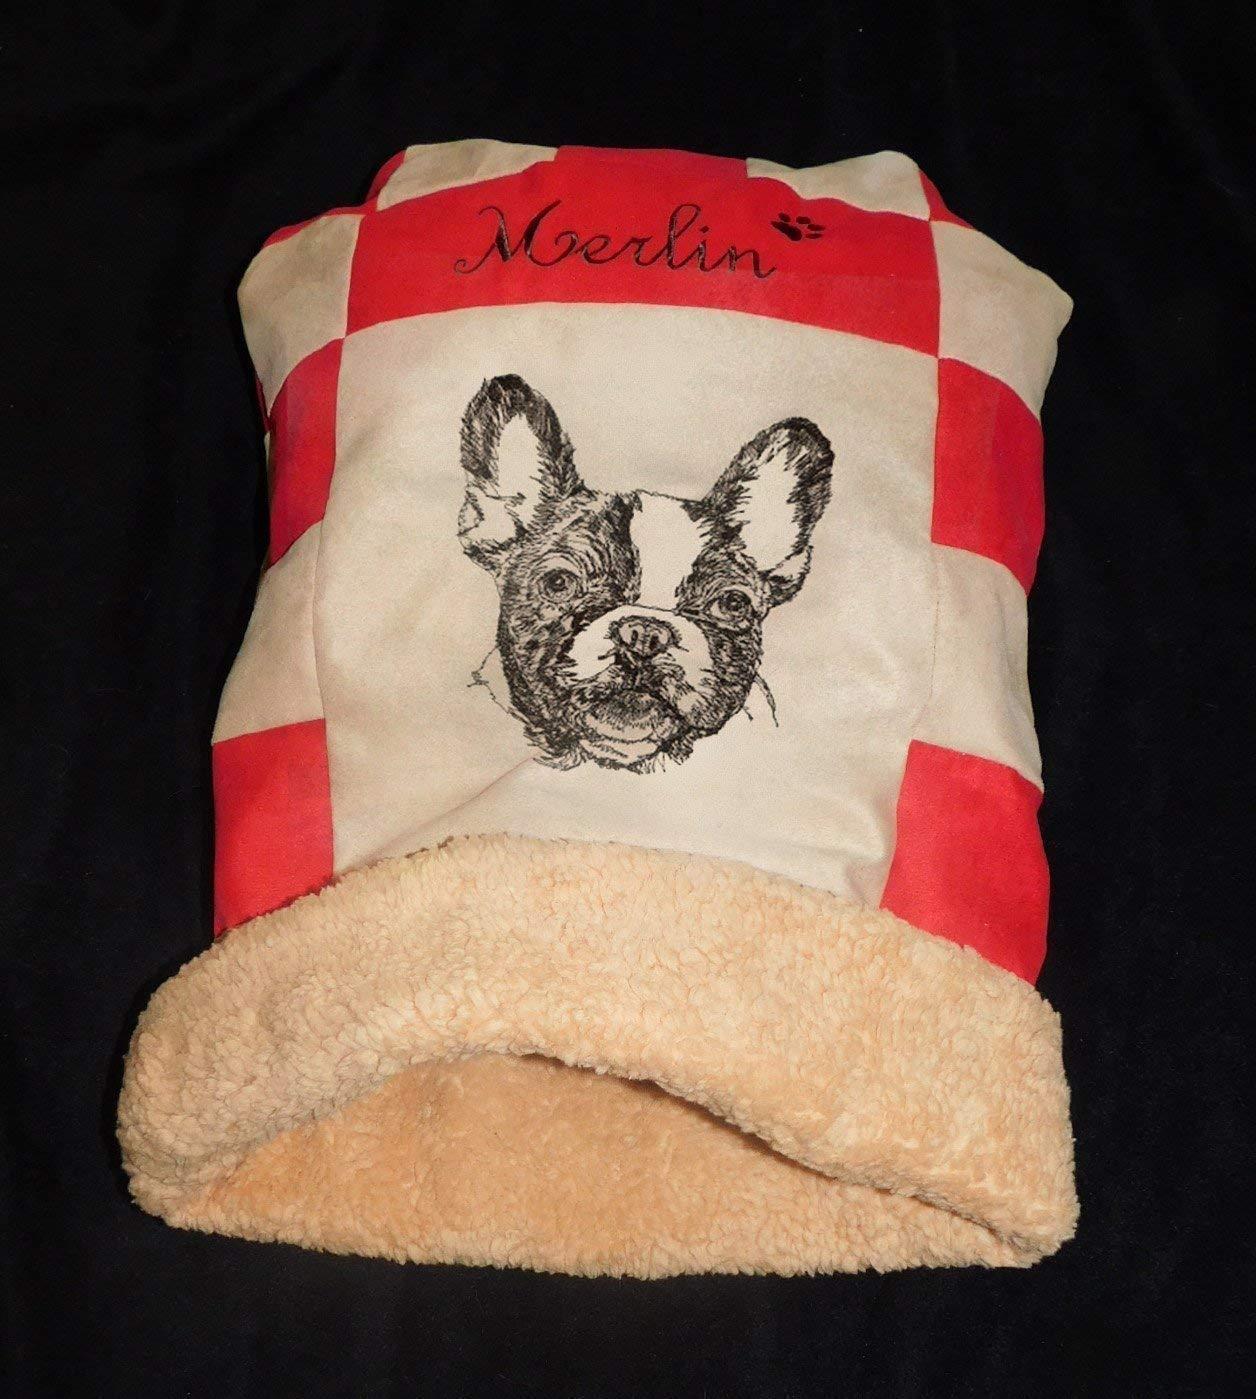 LunaChild Hunde Kuschelhöhle Französische Bulldogge 2 Hundebett Größe S M L oder XL Name Snuggle Bag in vielen Farben erhältlich